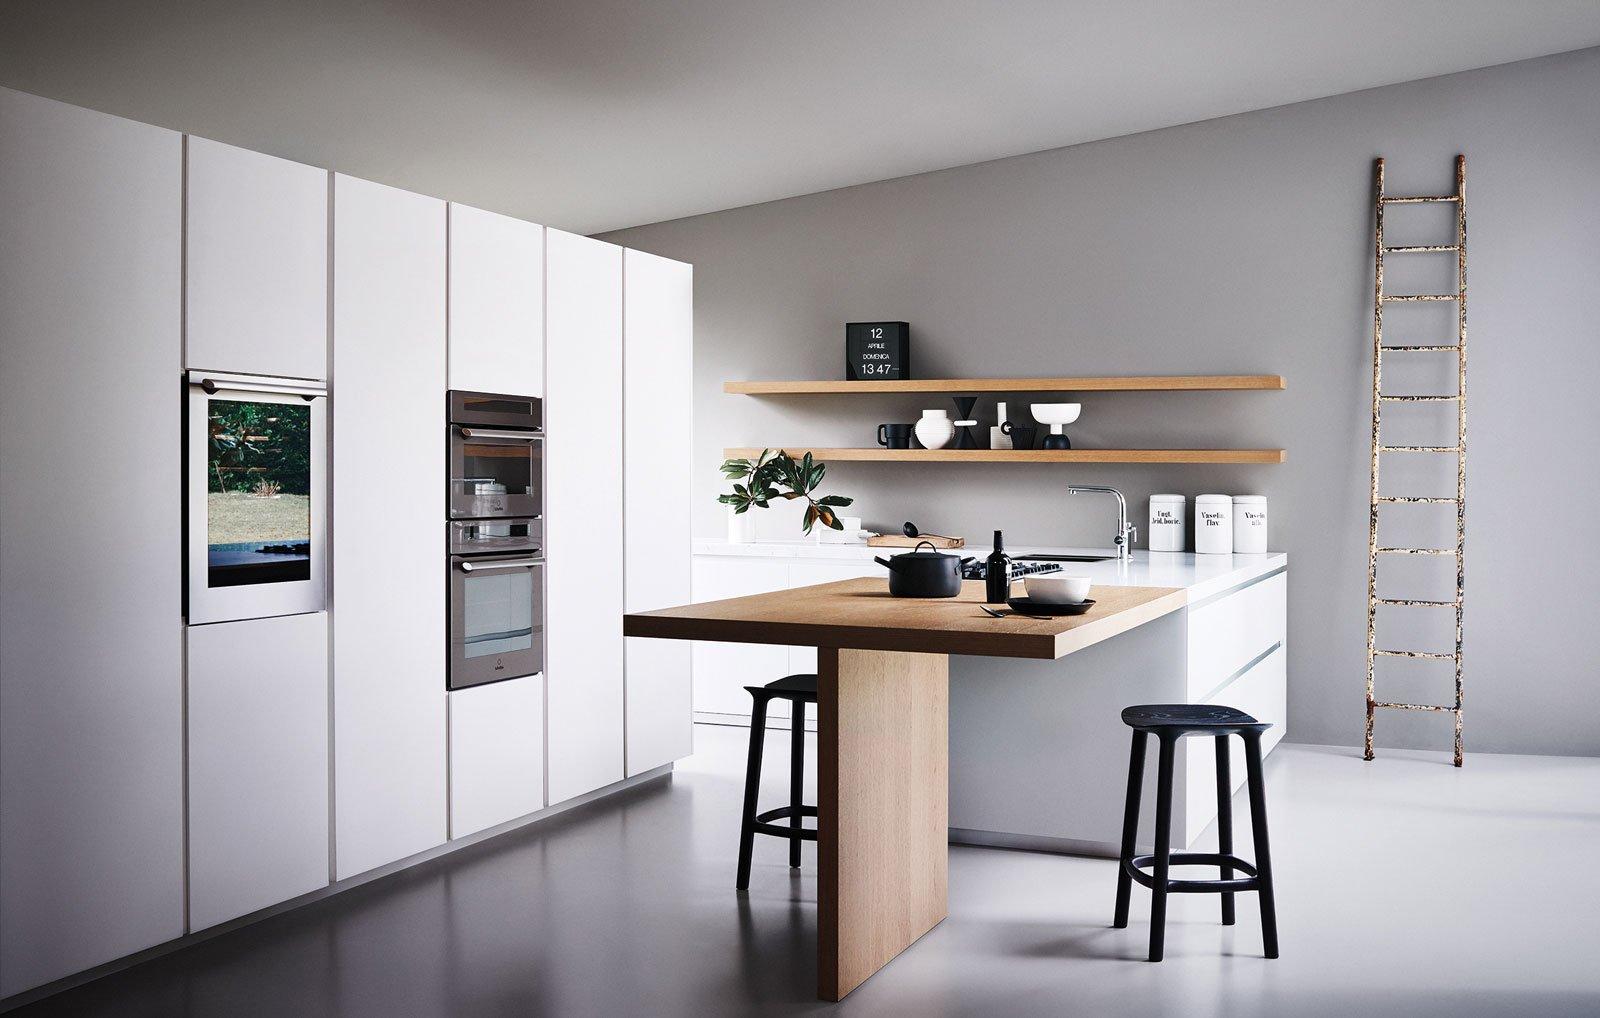 Credenza Con Frigo : Cucine con armadiature a colonna. per contenere di più cose casa